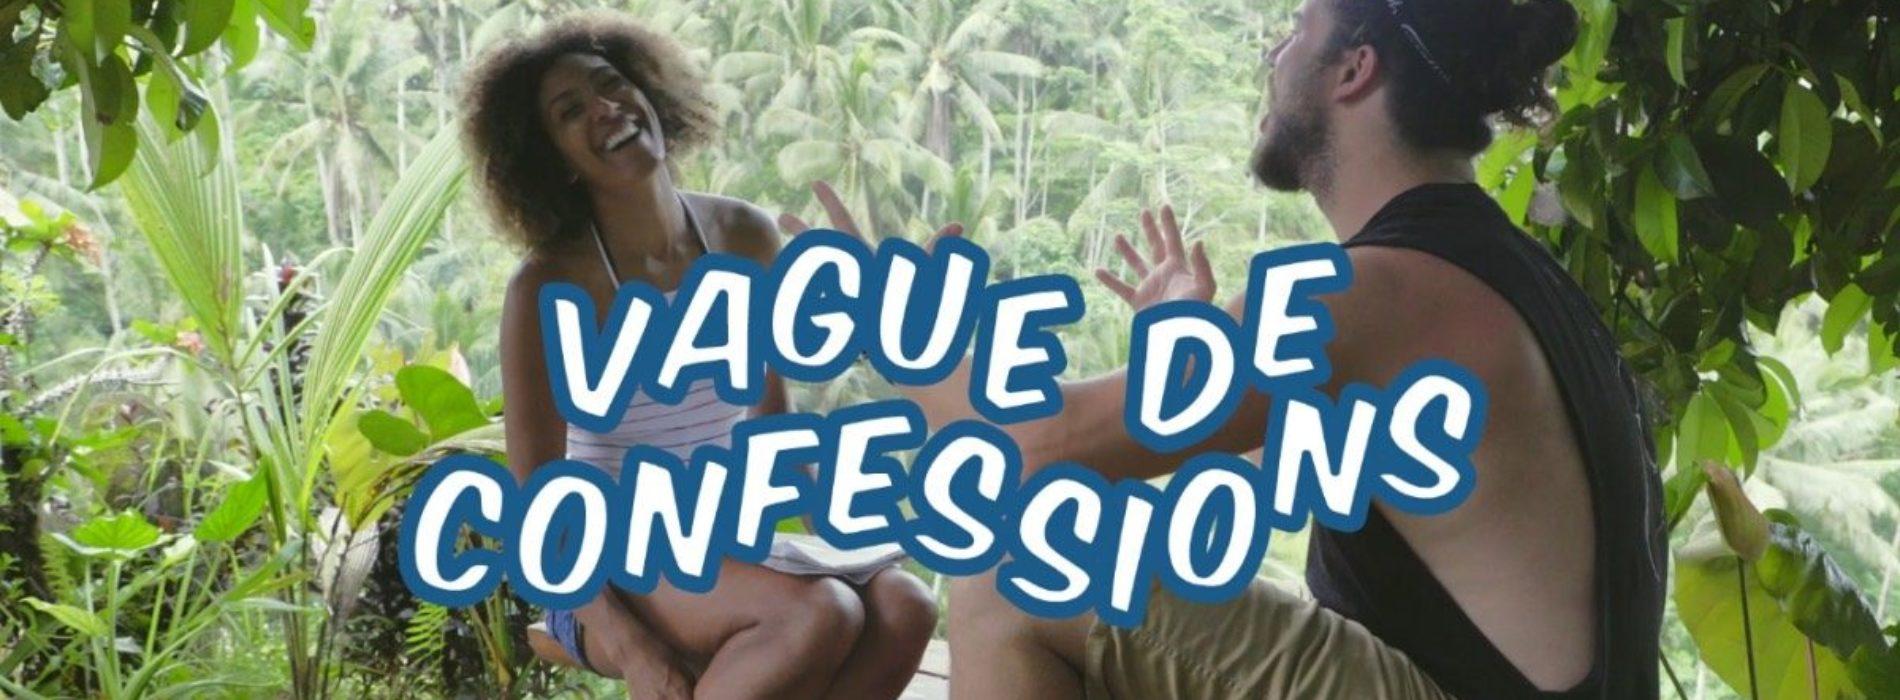 Vague de confessions : Guillaume Sans Destination